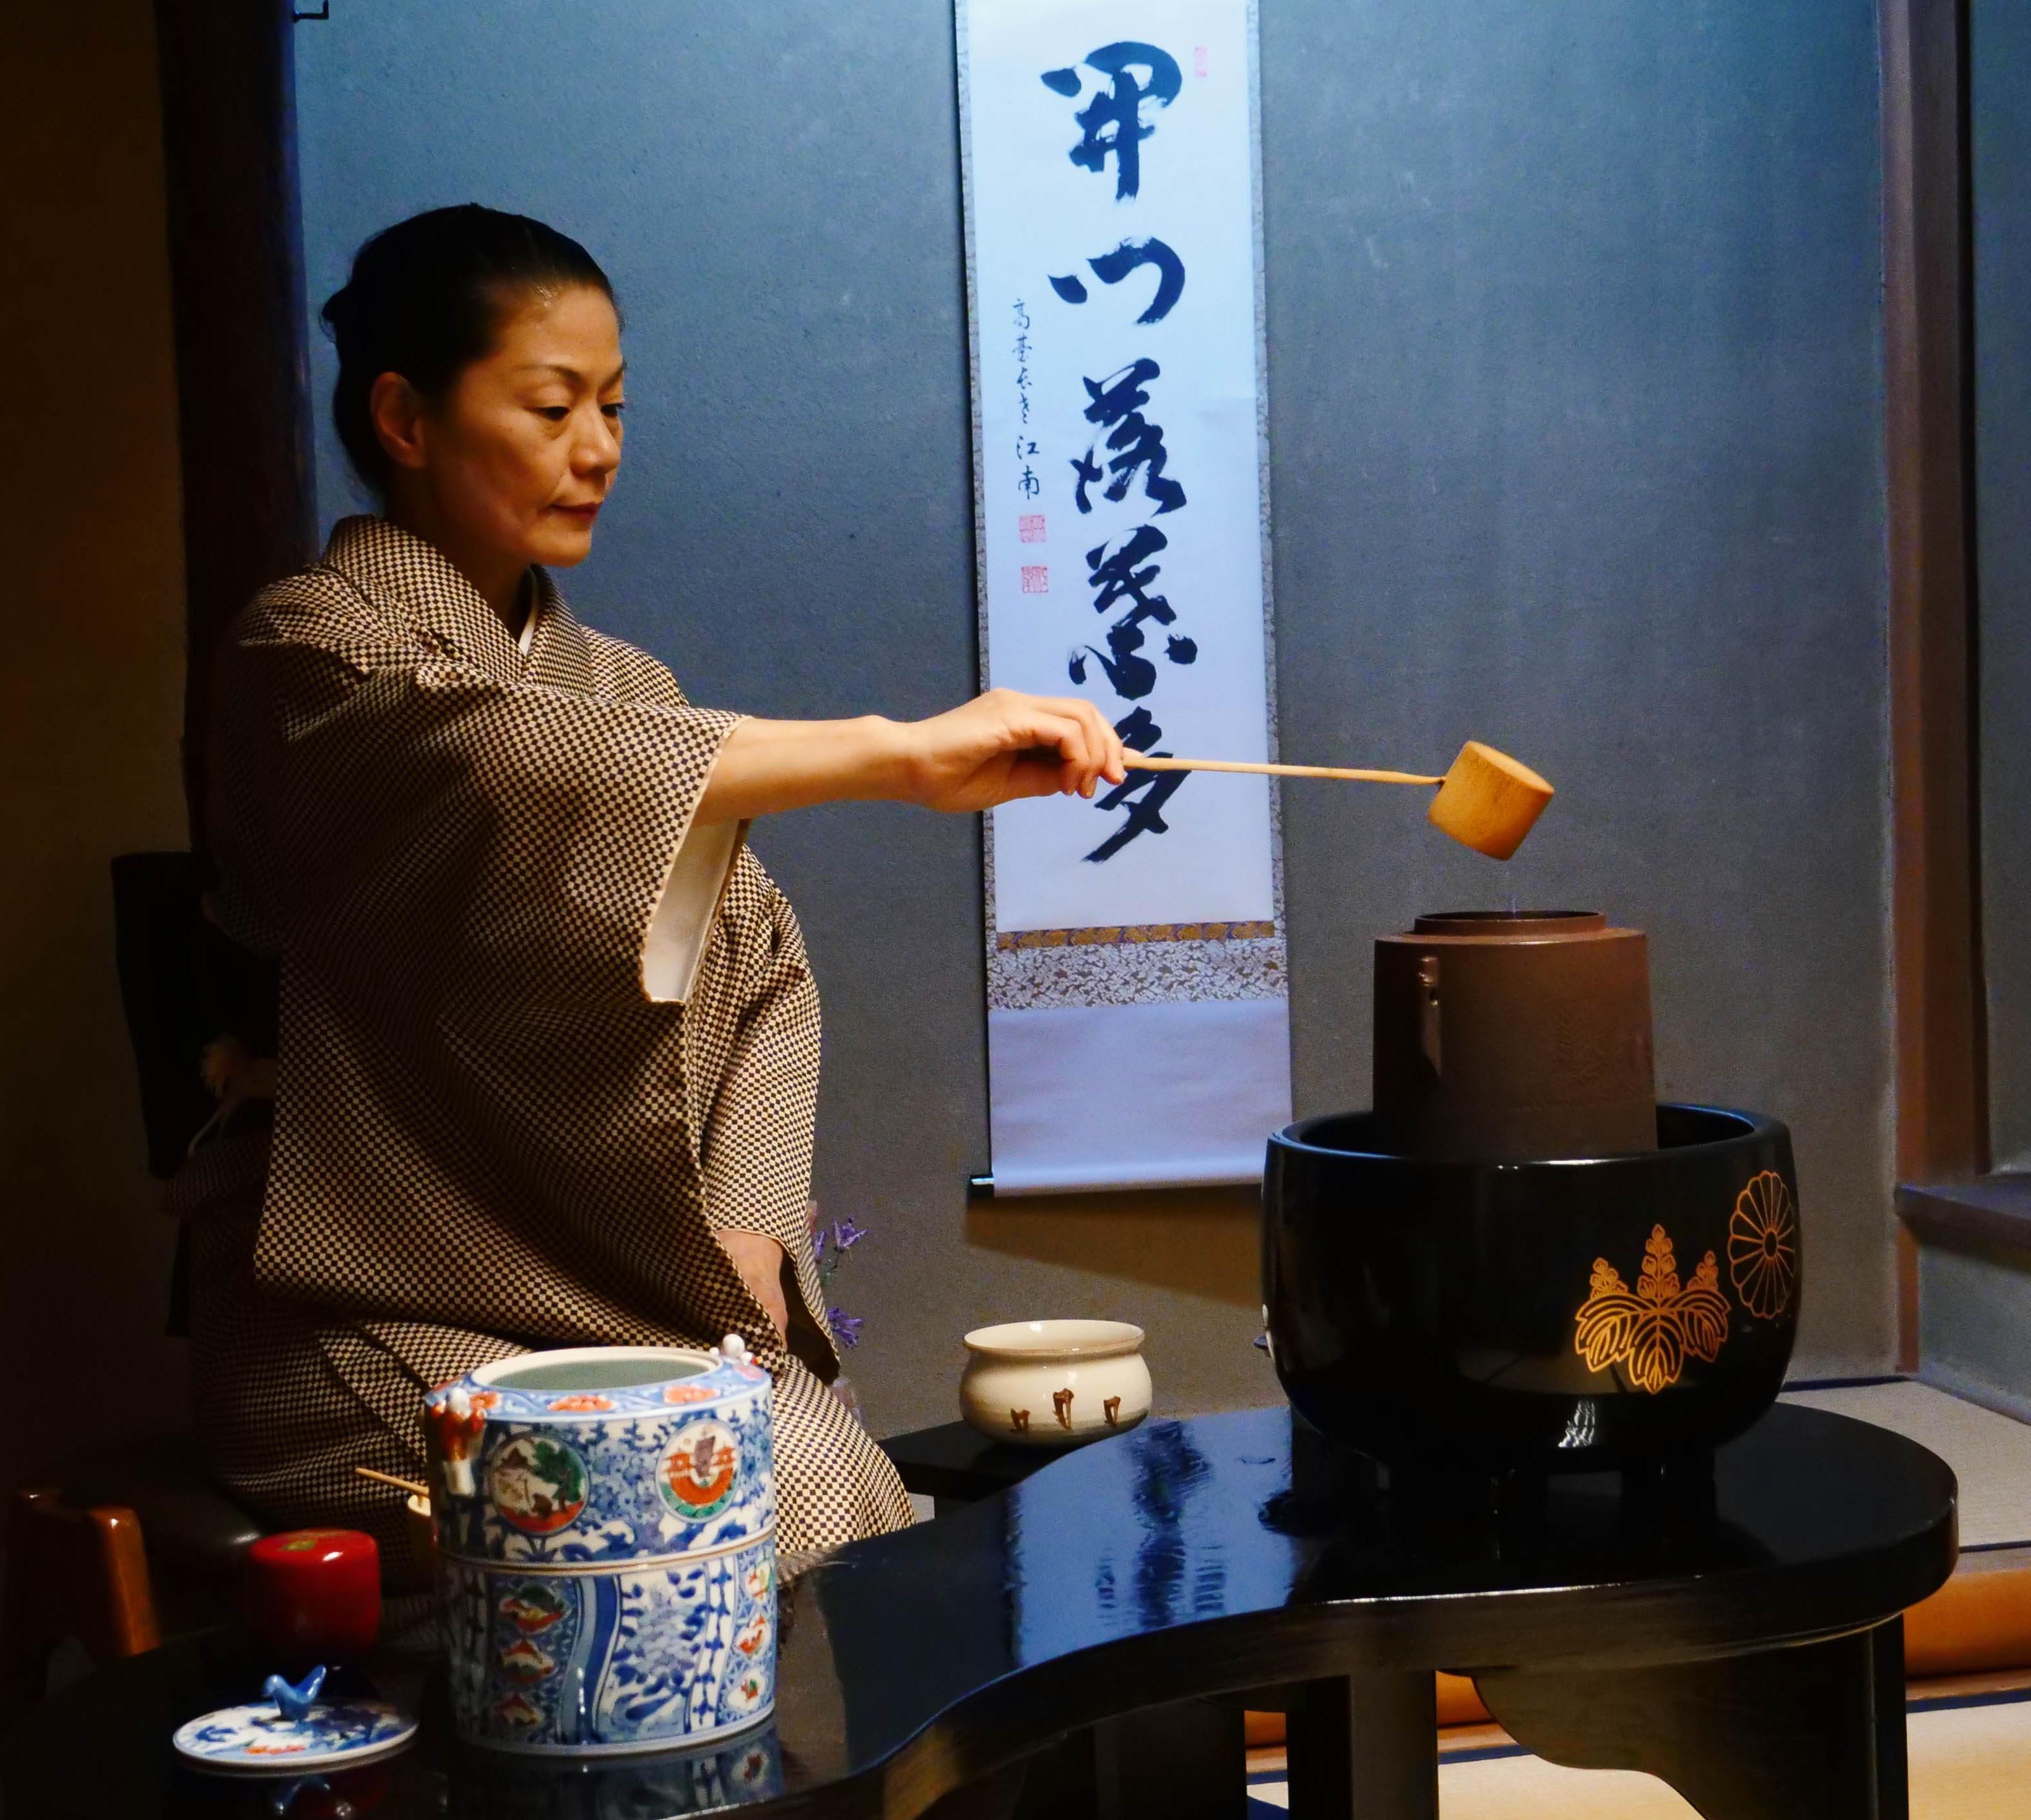 La cérémonie du thé © LM